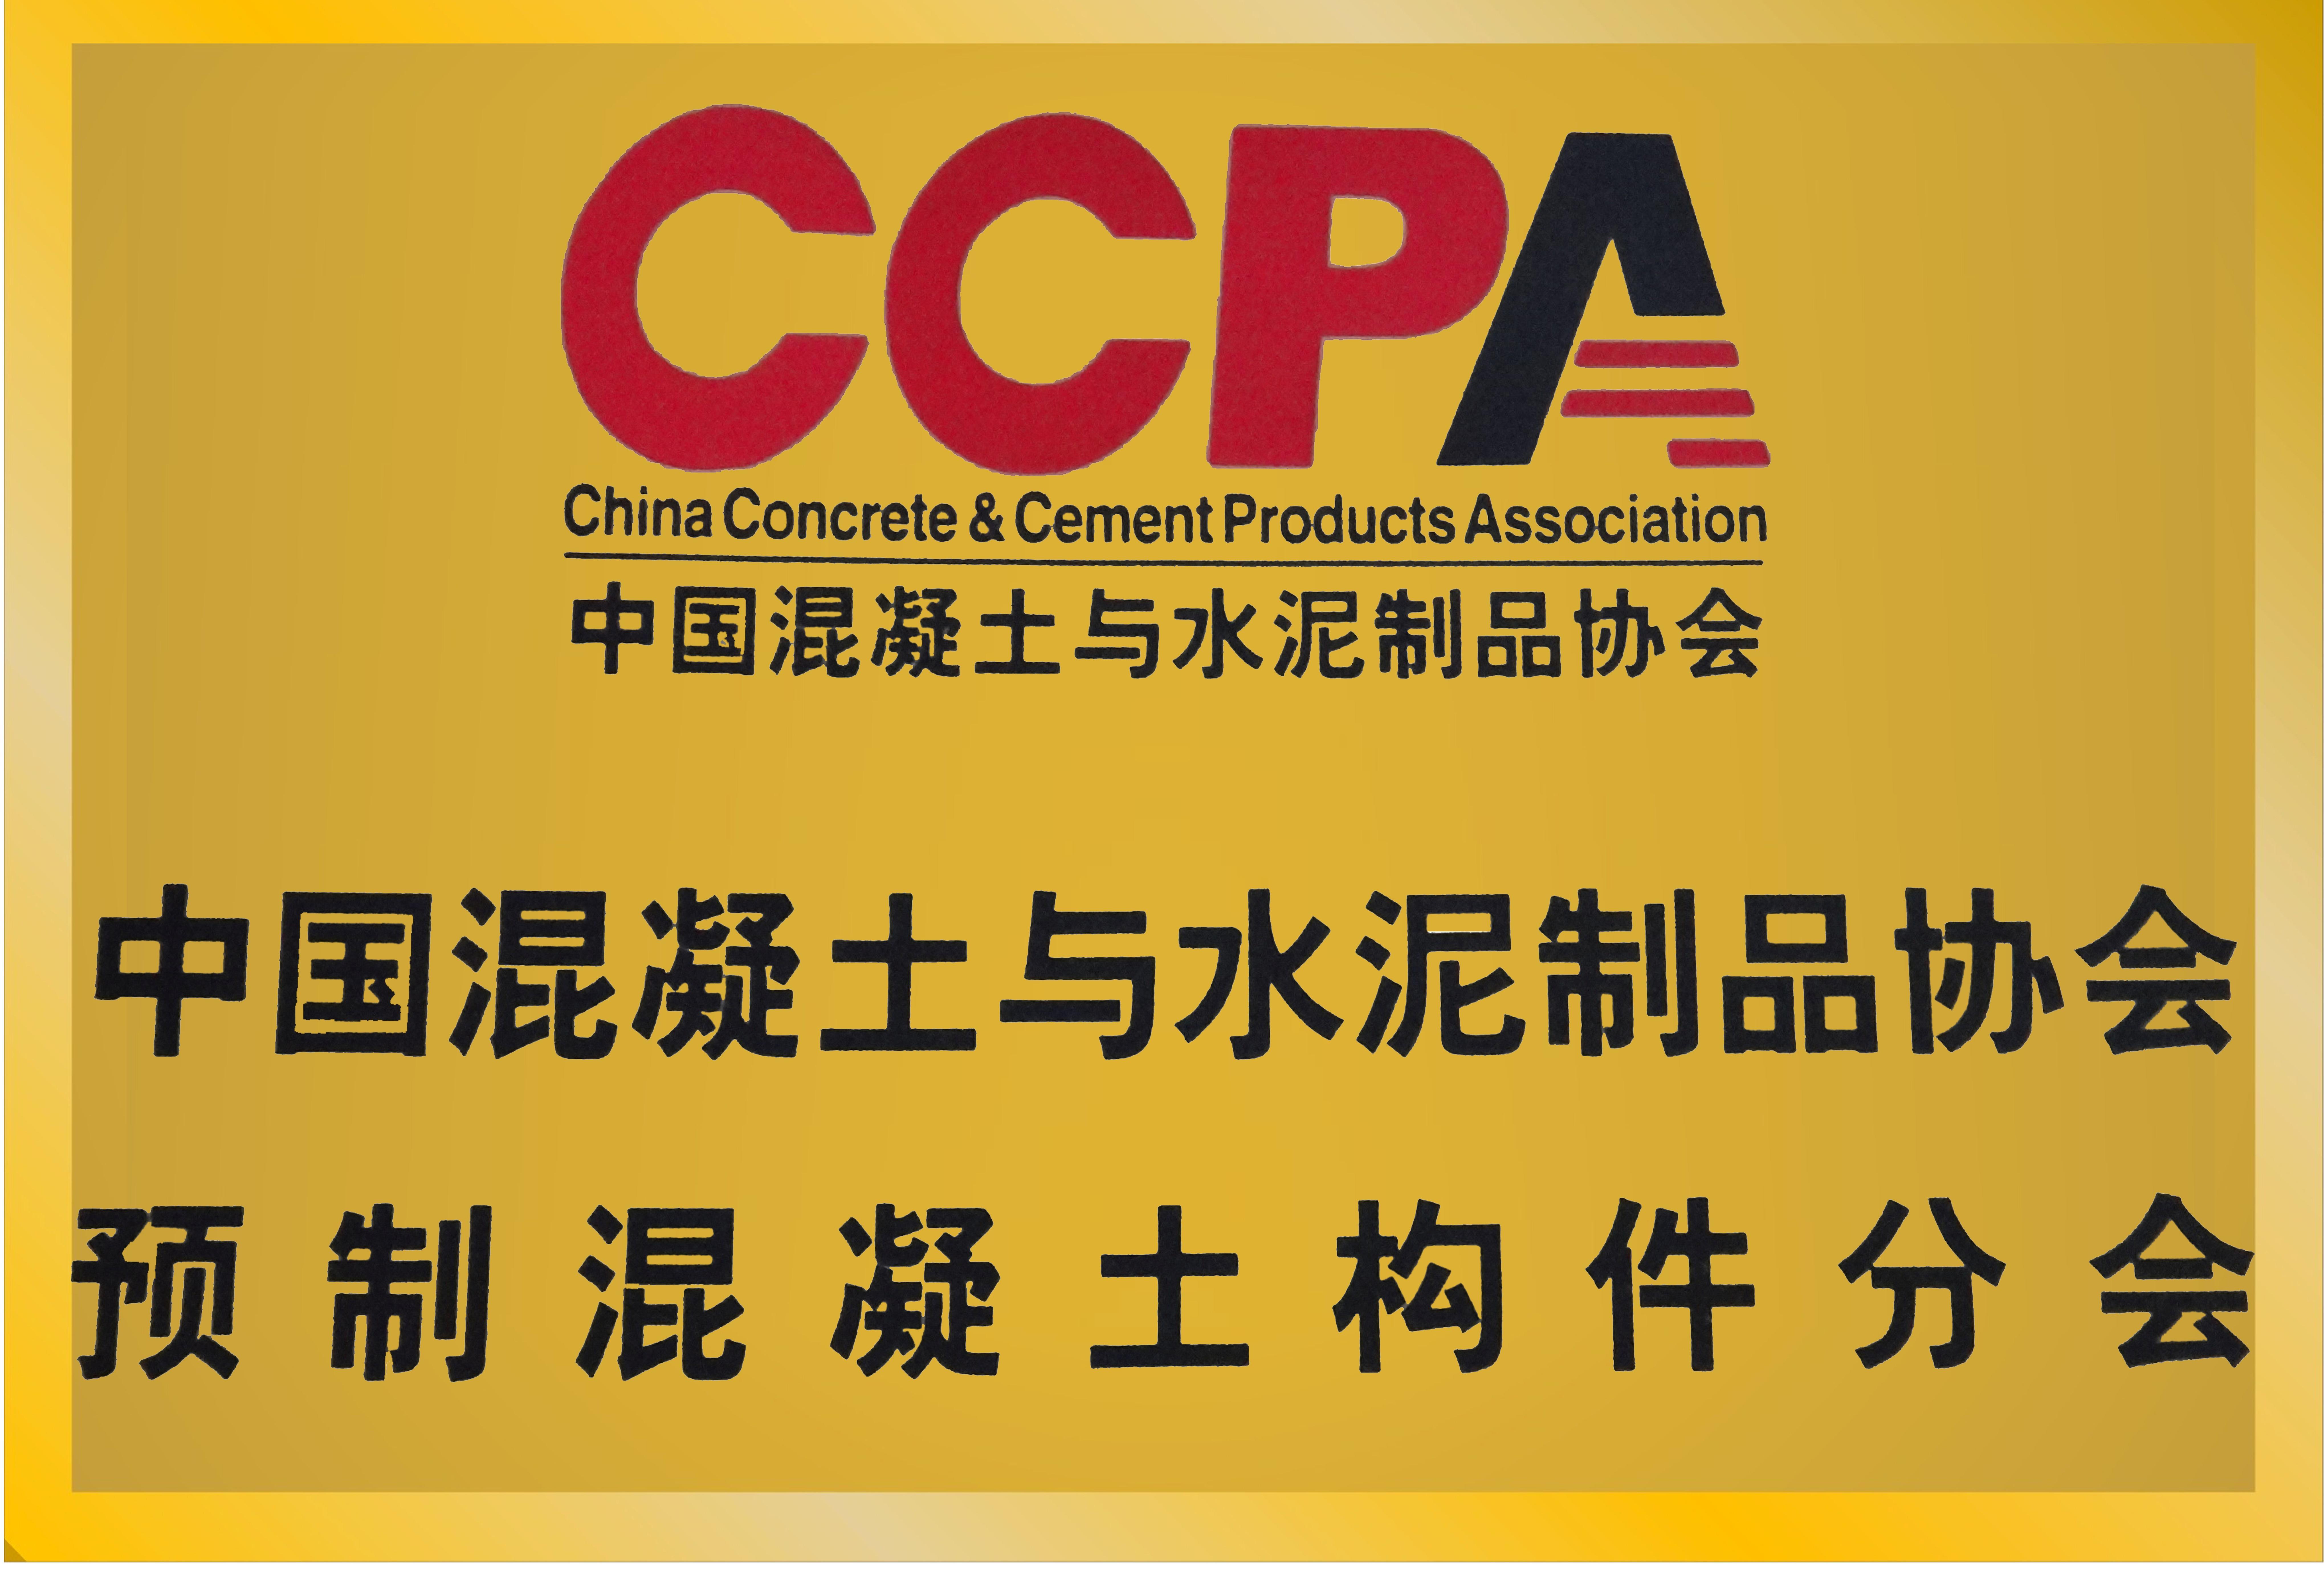 2.CCPA预制混凝土构件分会